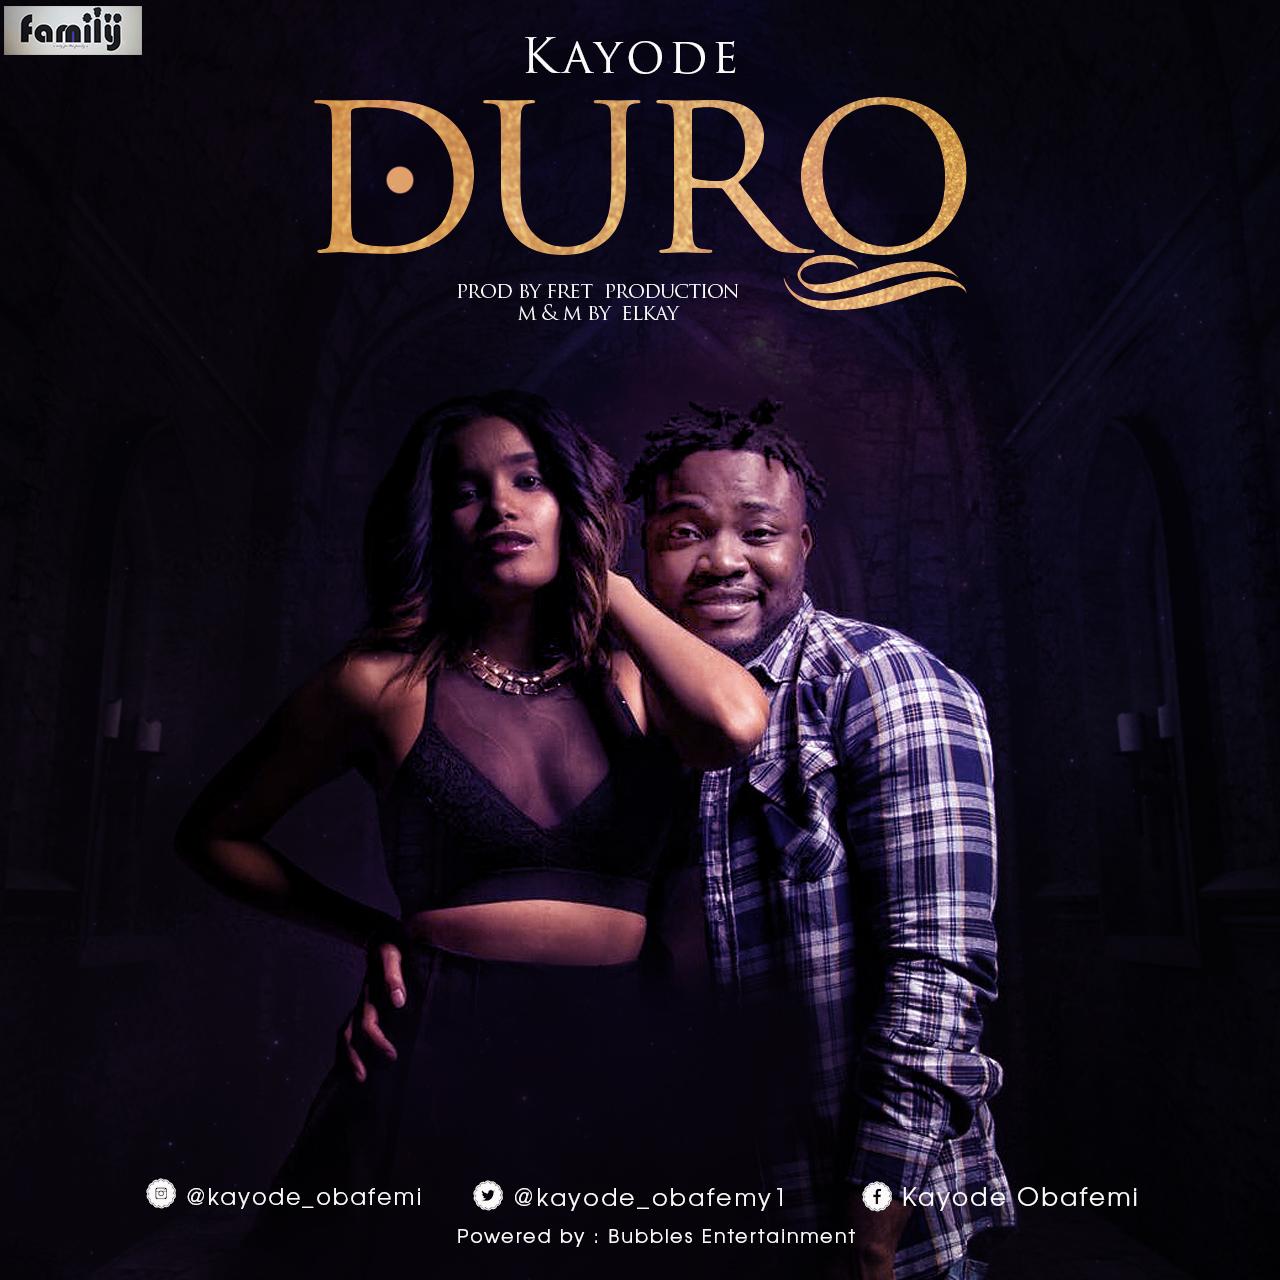 Kayode – Duro (prod. Fret)